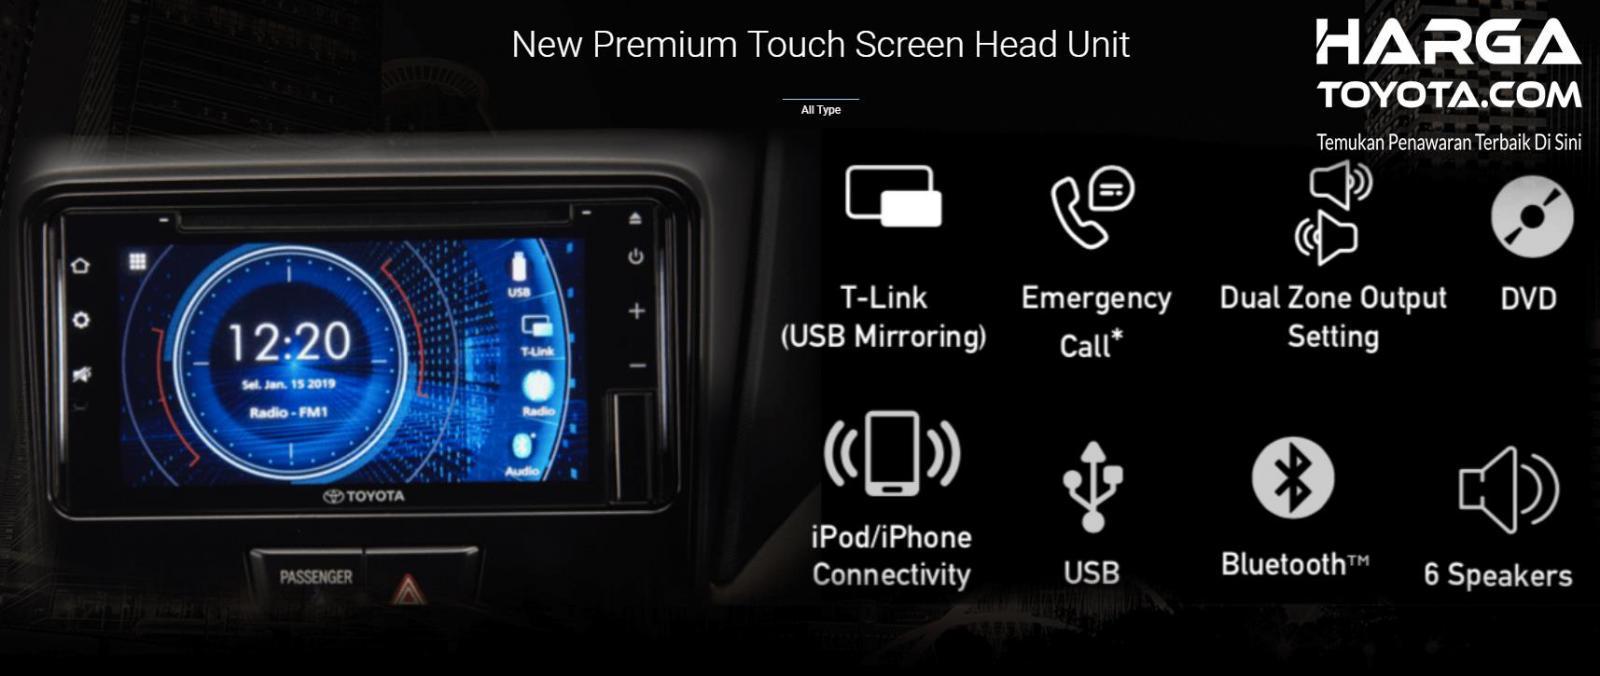 Toyota 1.5 G 2019 menghadirkan panel Head Unit lebih canggih dari varian lainnya